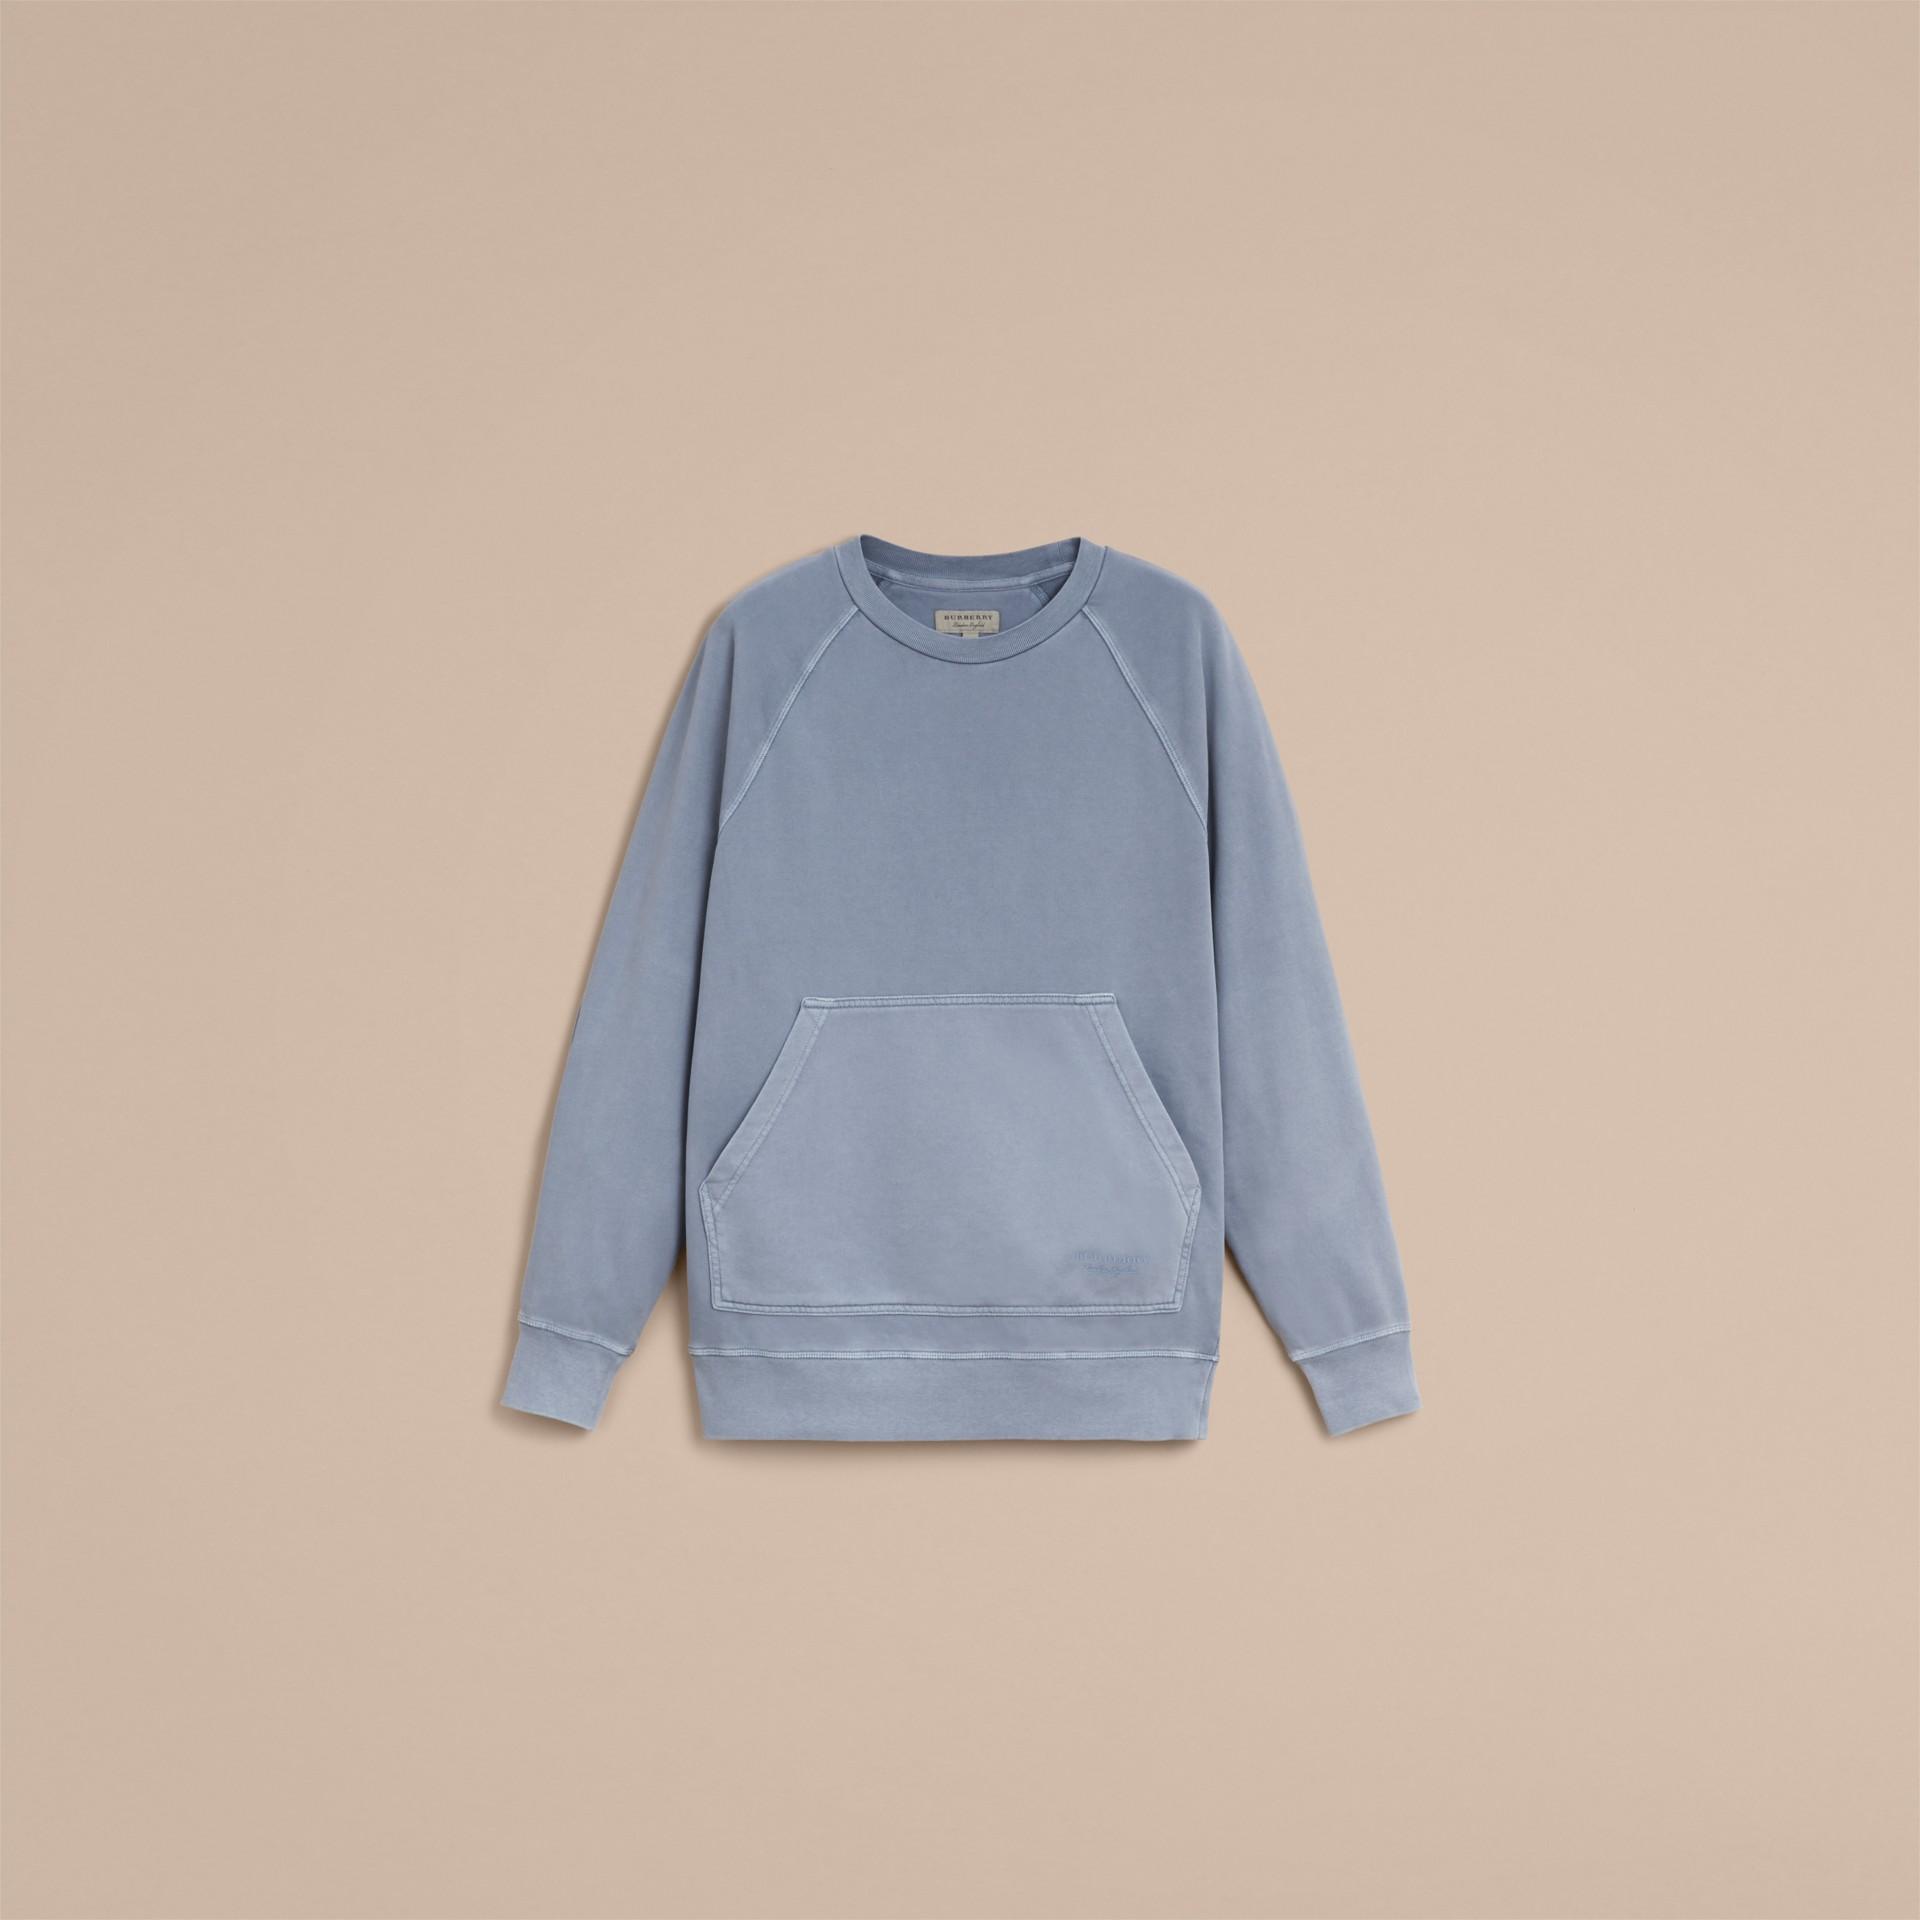 Sweat-shirt oversize unisexe en coton teint avec des colorants pigmentaires (Bleu Cendré) - Femme | Burberry - photo de la galerie 4